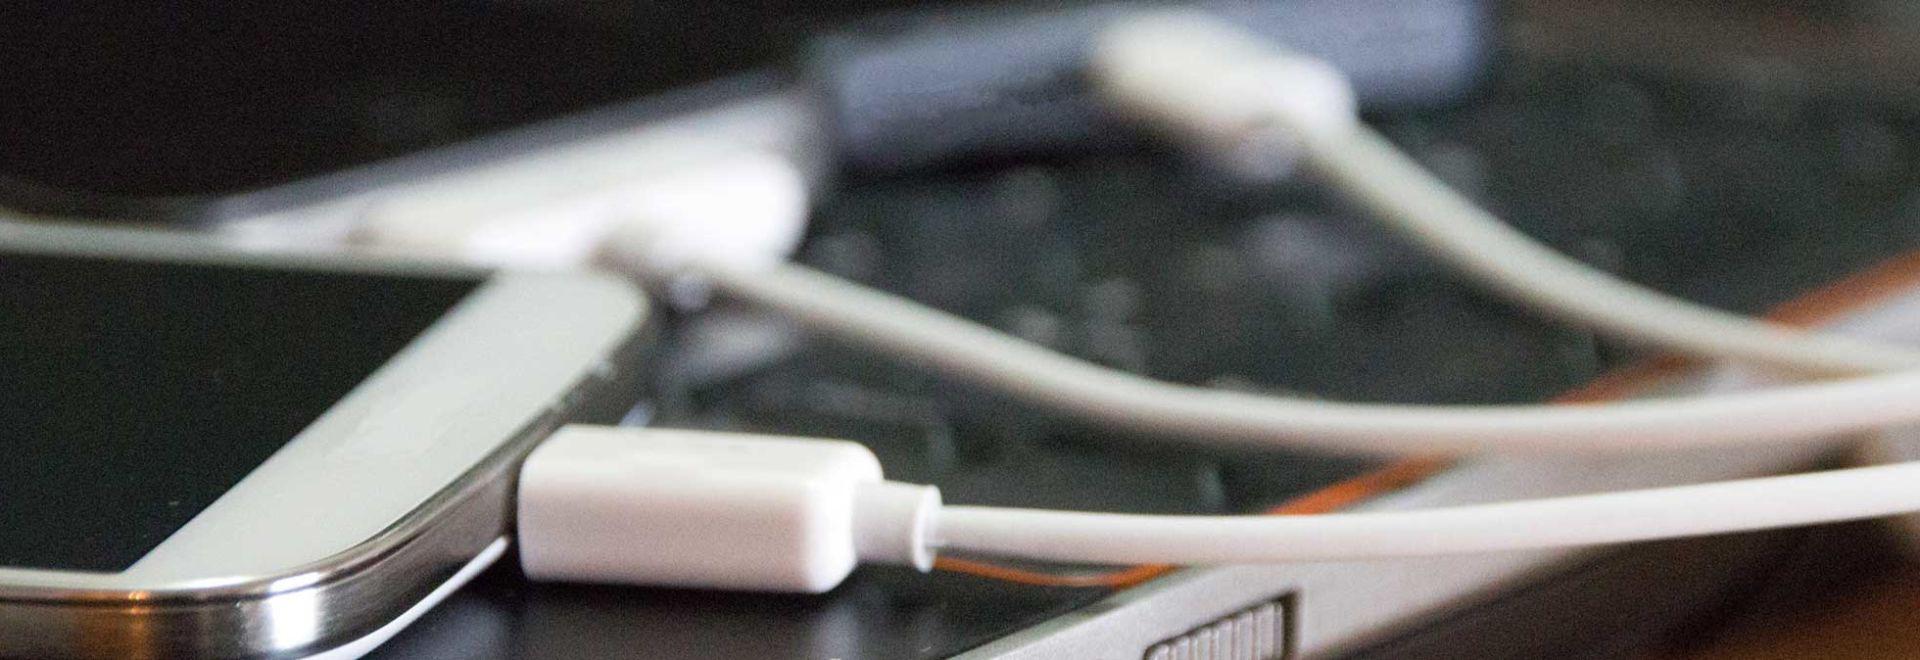 Smartphone có thật sự sạc pin nhanh hơn khi bật chế độ máy bay? - Ảnh 2.